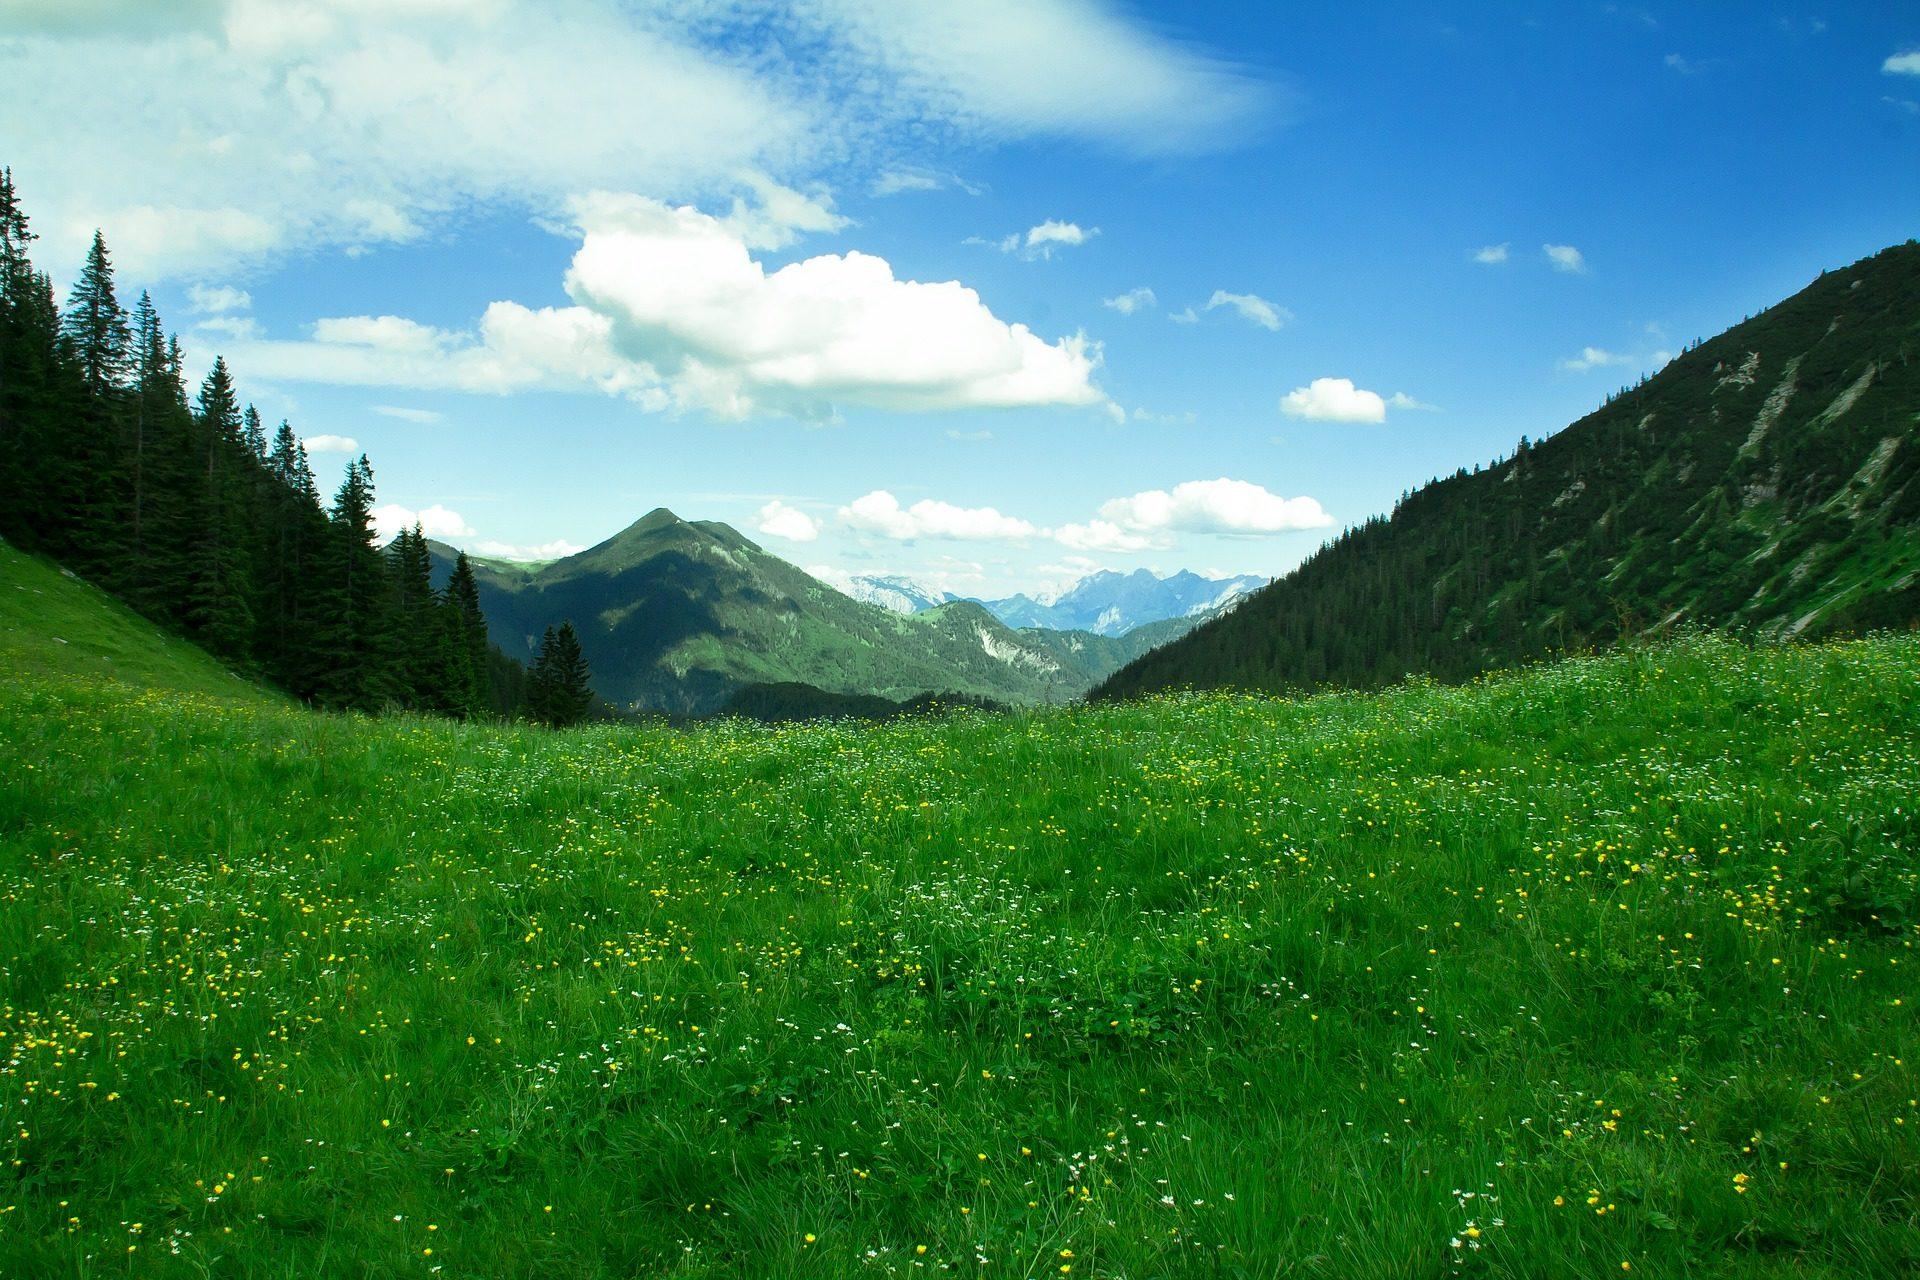 Montañas, PRADO, pradera, fiori, erba, alberi, Panorámica - Sfondi HD - Professor-falken.com